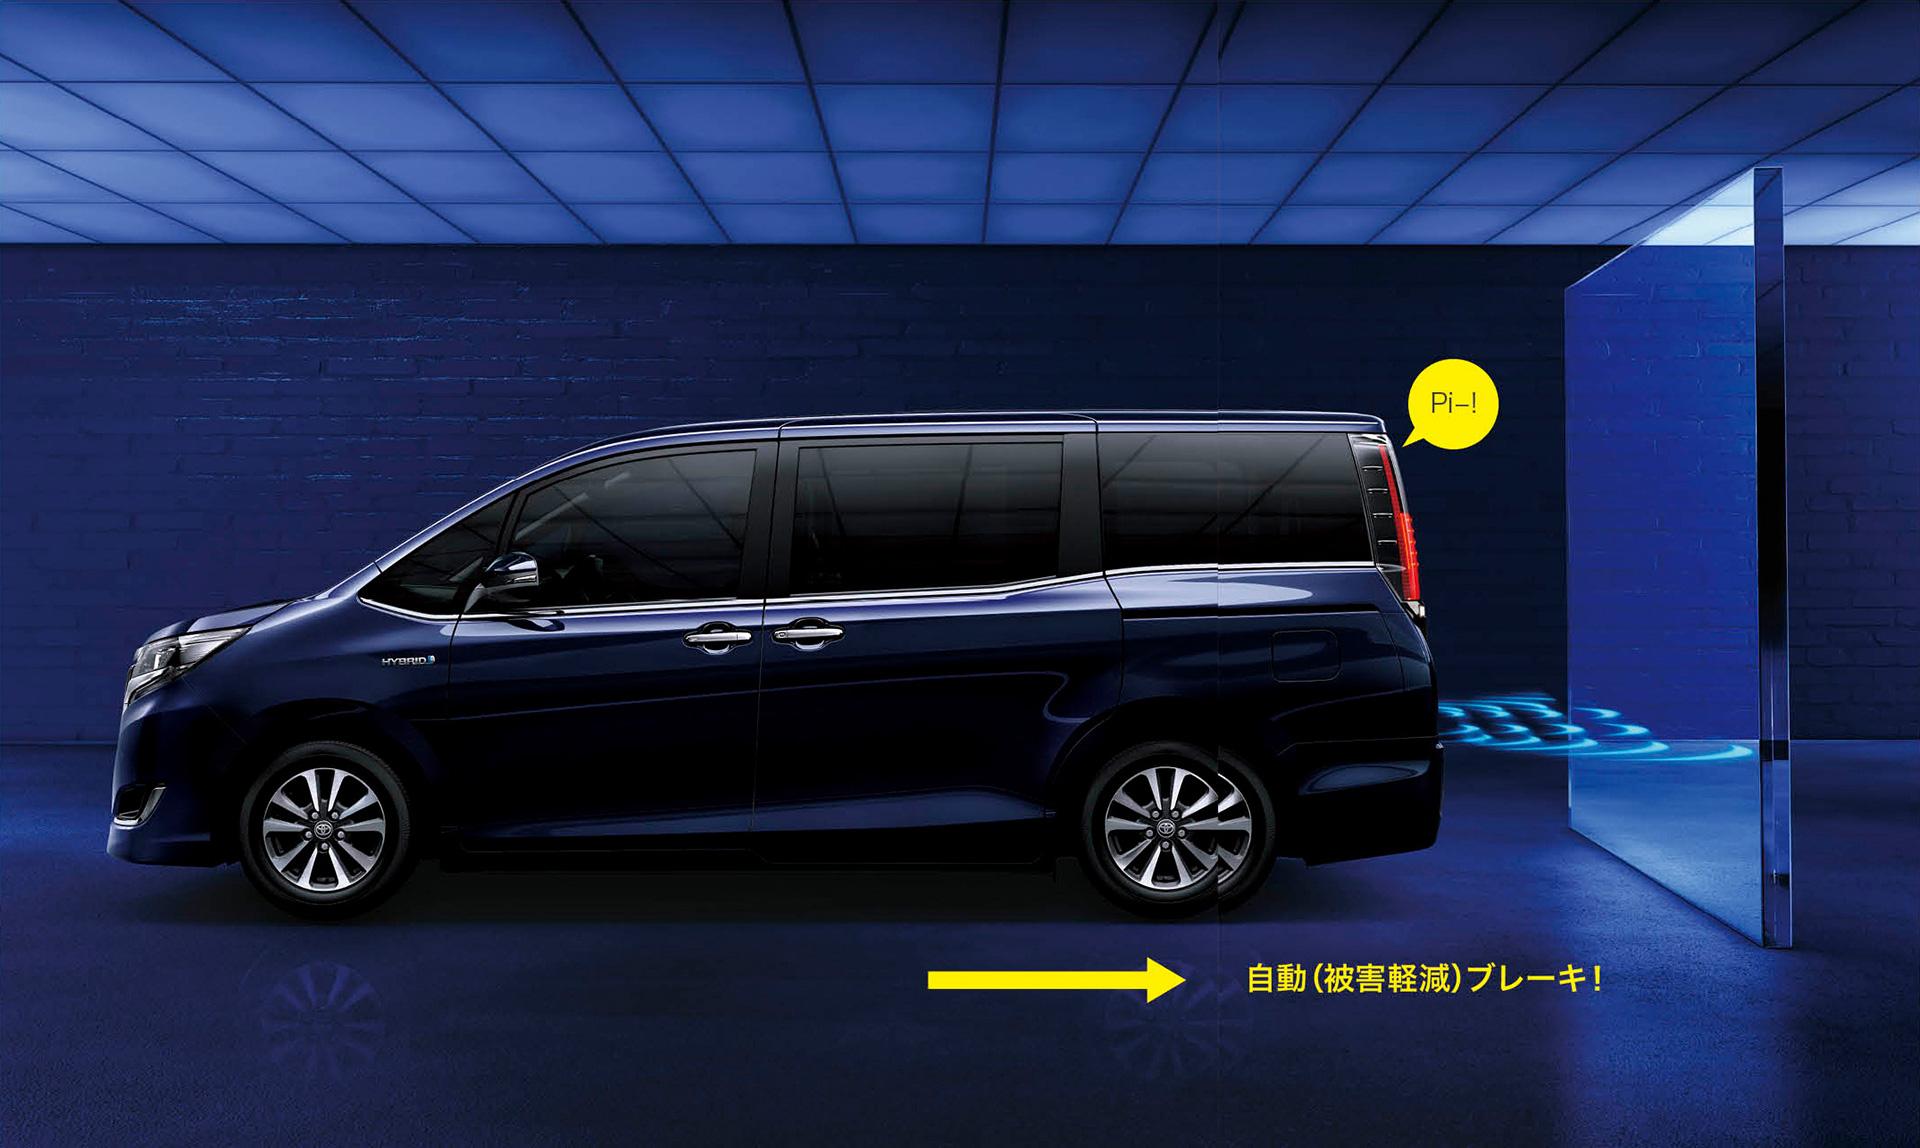 「【新車】トヨタのMクラスミニバン「ヴォクシー」「ノア」「エスクァイア」が先進安全機能を向上」の7枚目の画像